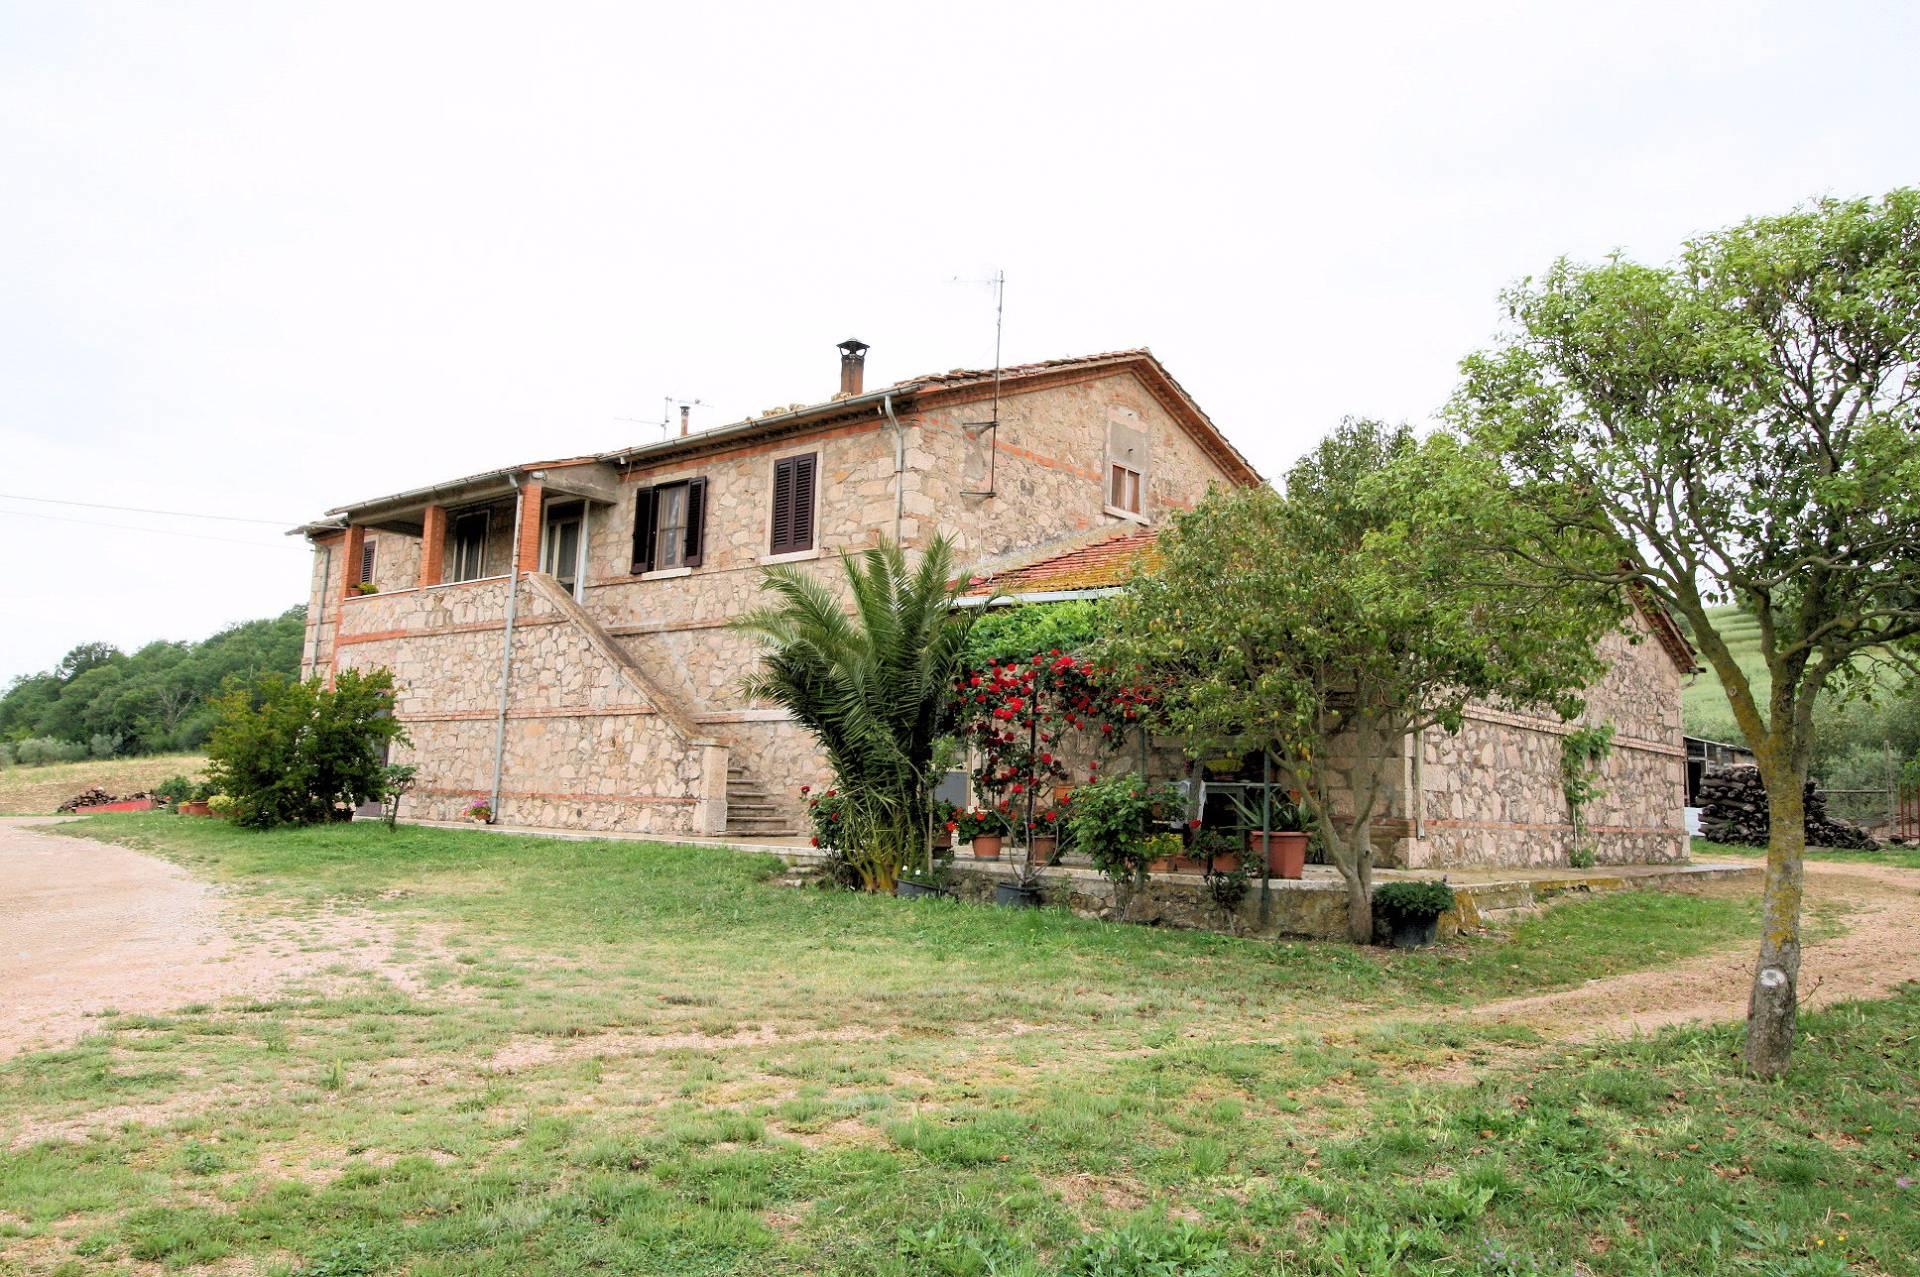 Rustico / Casale in vendita a Manciano, 7 locali, prezzo € 295.000 | CambioCasa.it